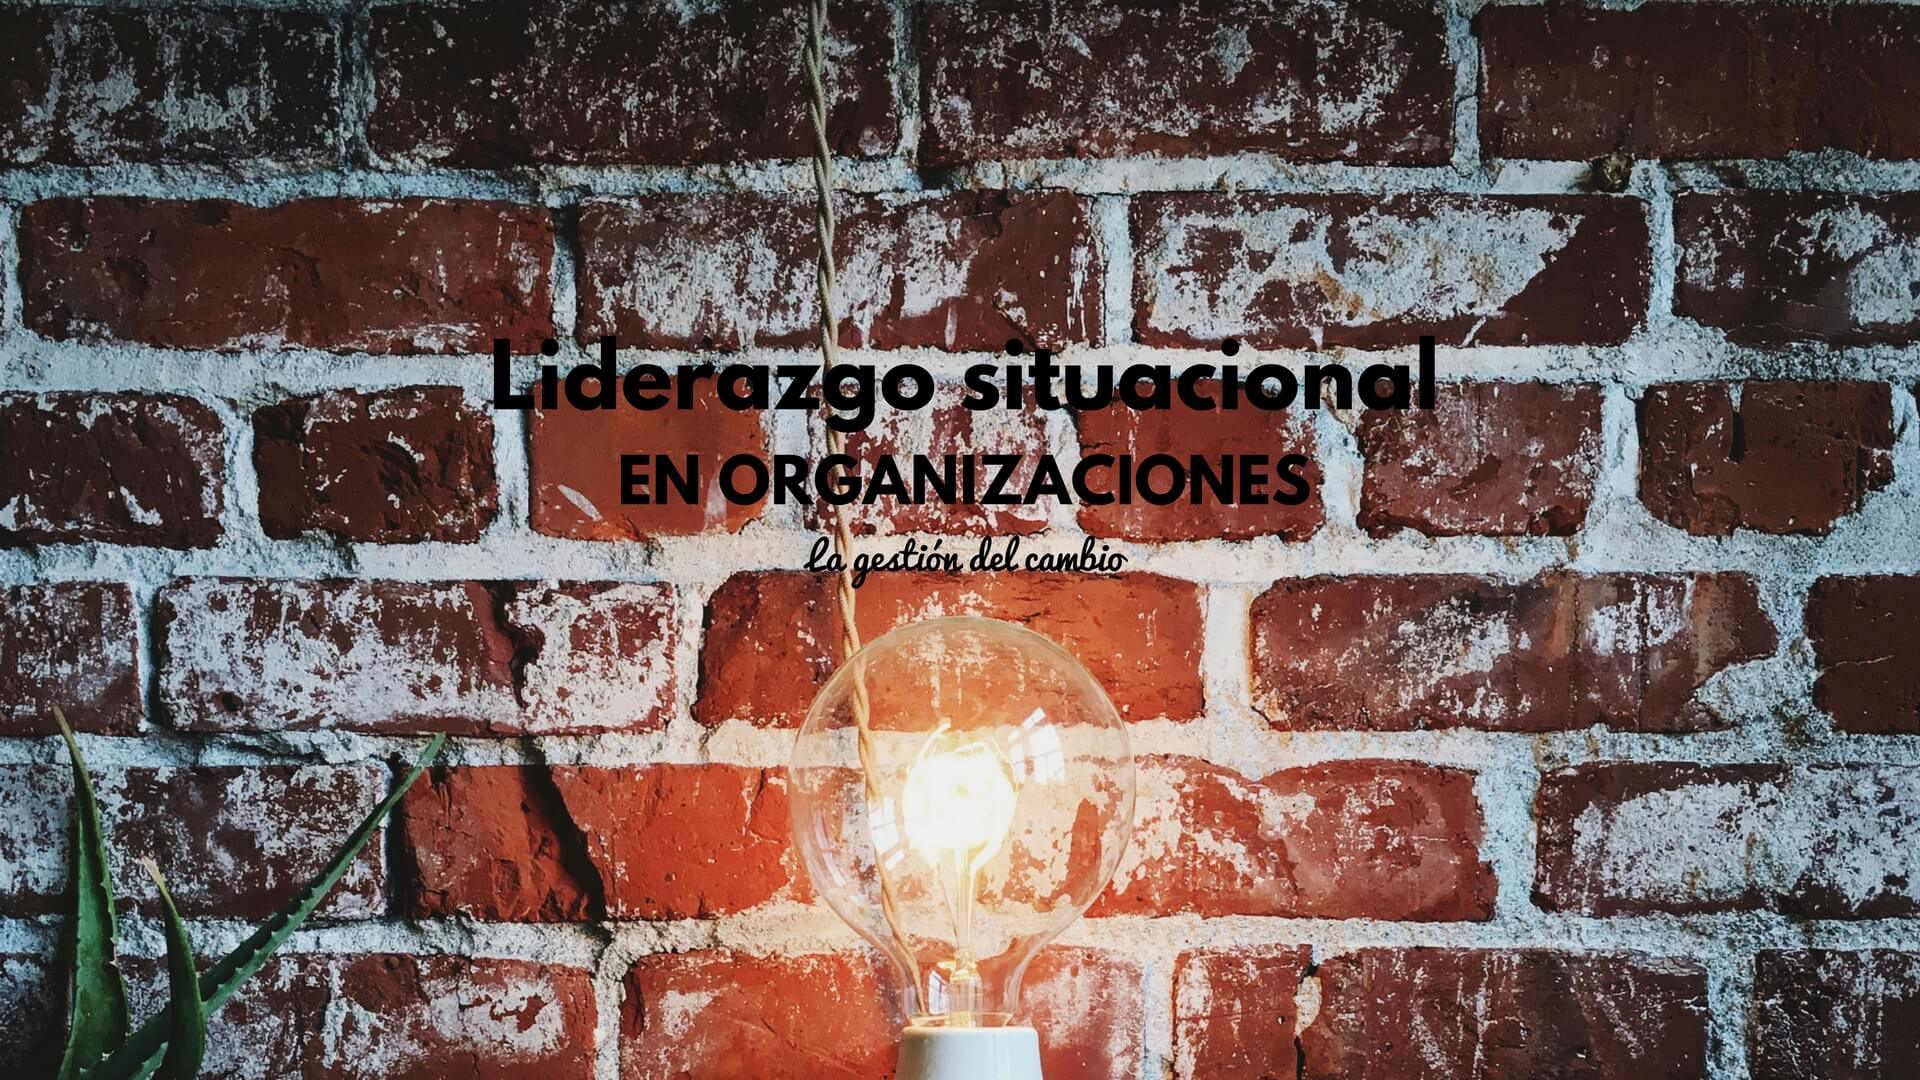 Liderazgo situacional en las organizaciones: cómo liderar la gestión del cambio